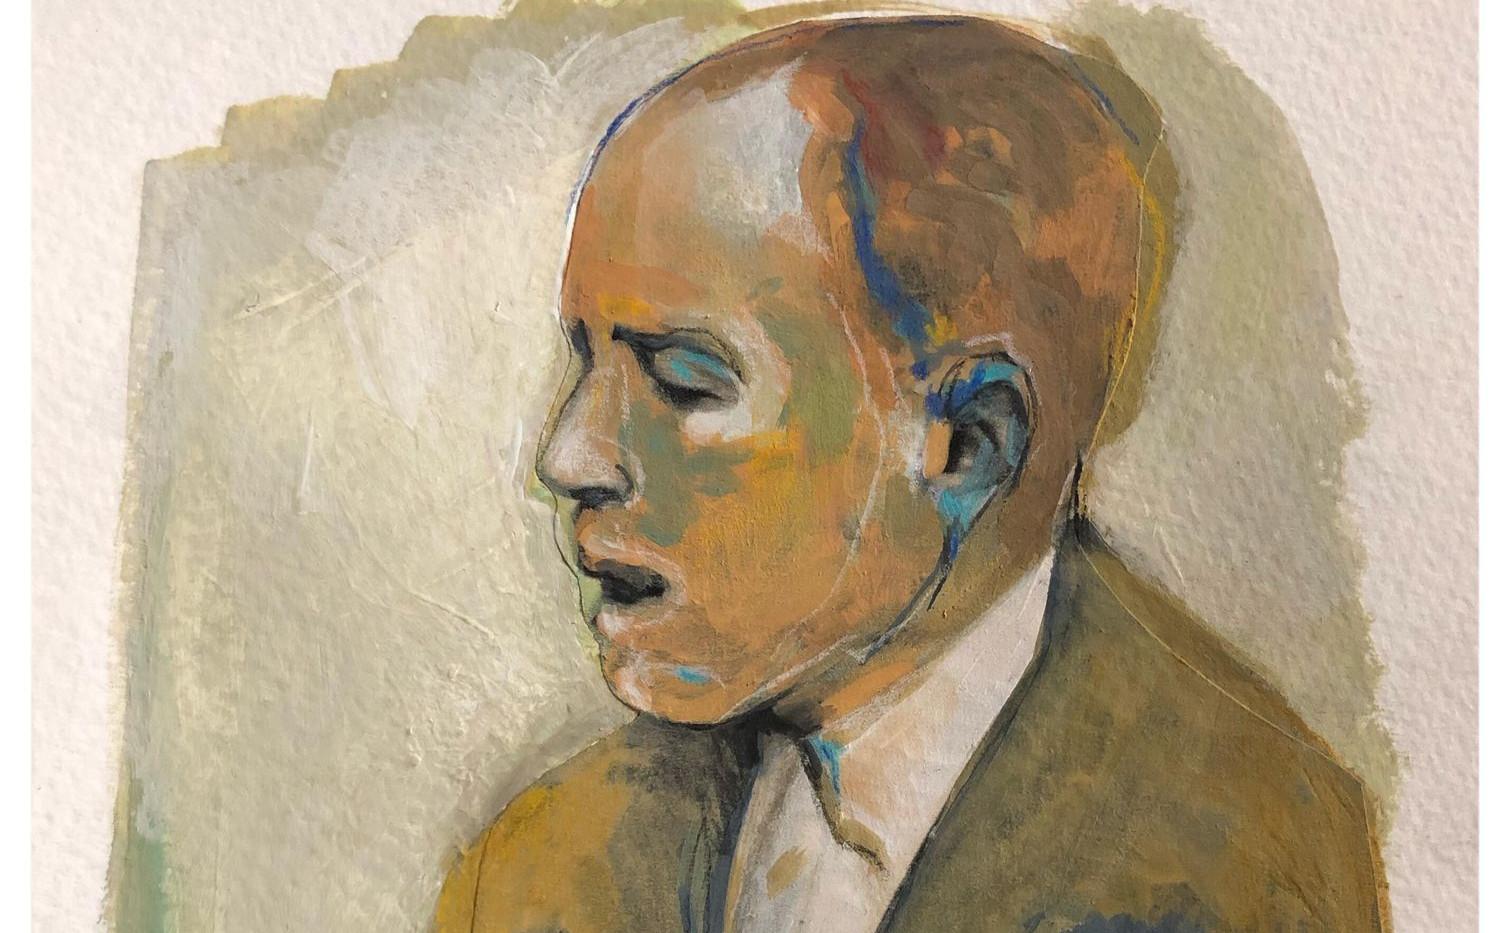 Portrait n°2  Dessin 13 x 18 Cadre 19 x 25  Passe partout et verre.  Gouache acrylique et crayon sur papier  réservé